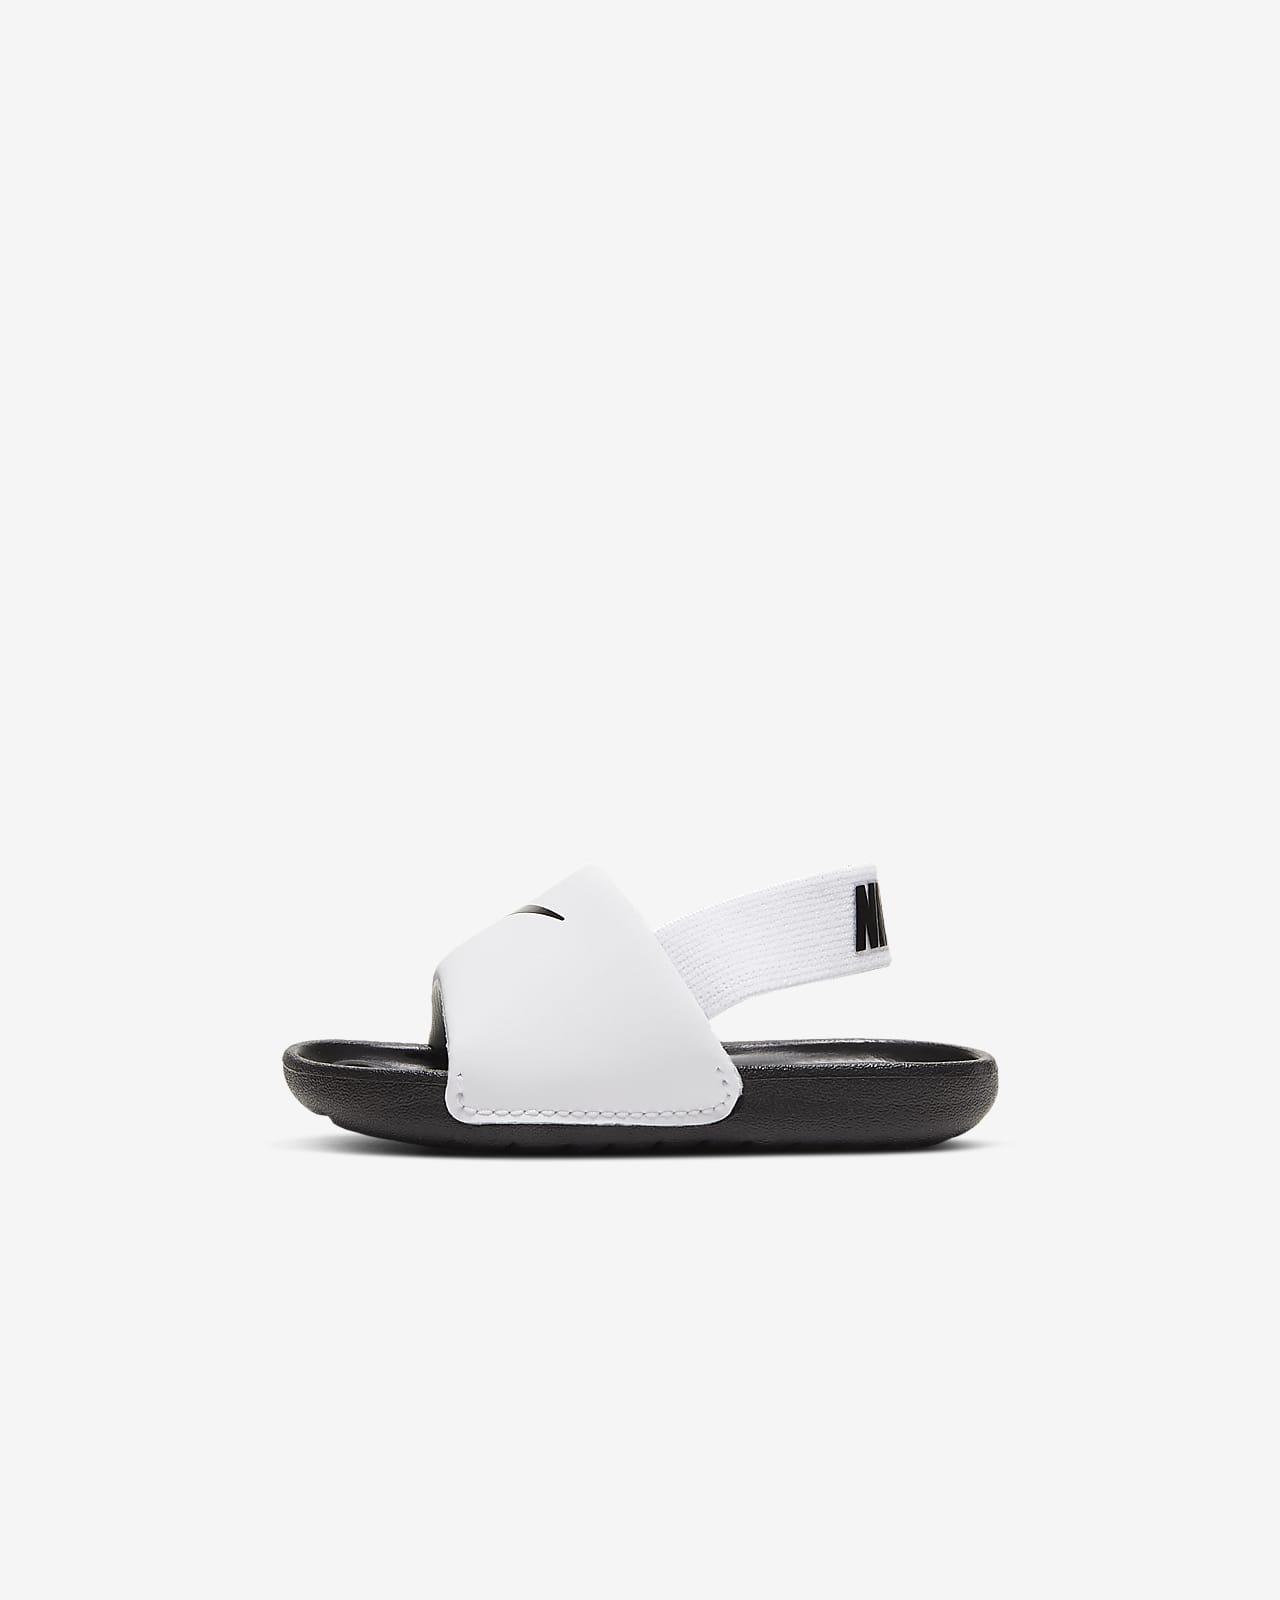 Nike Kawa Baby/Toddler Slides